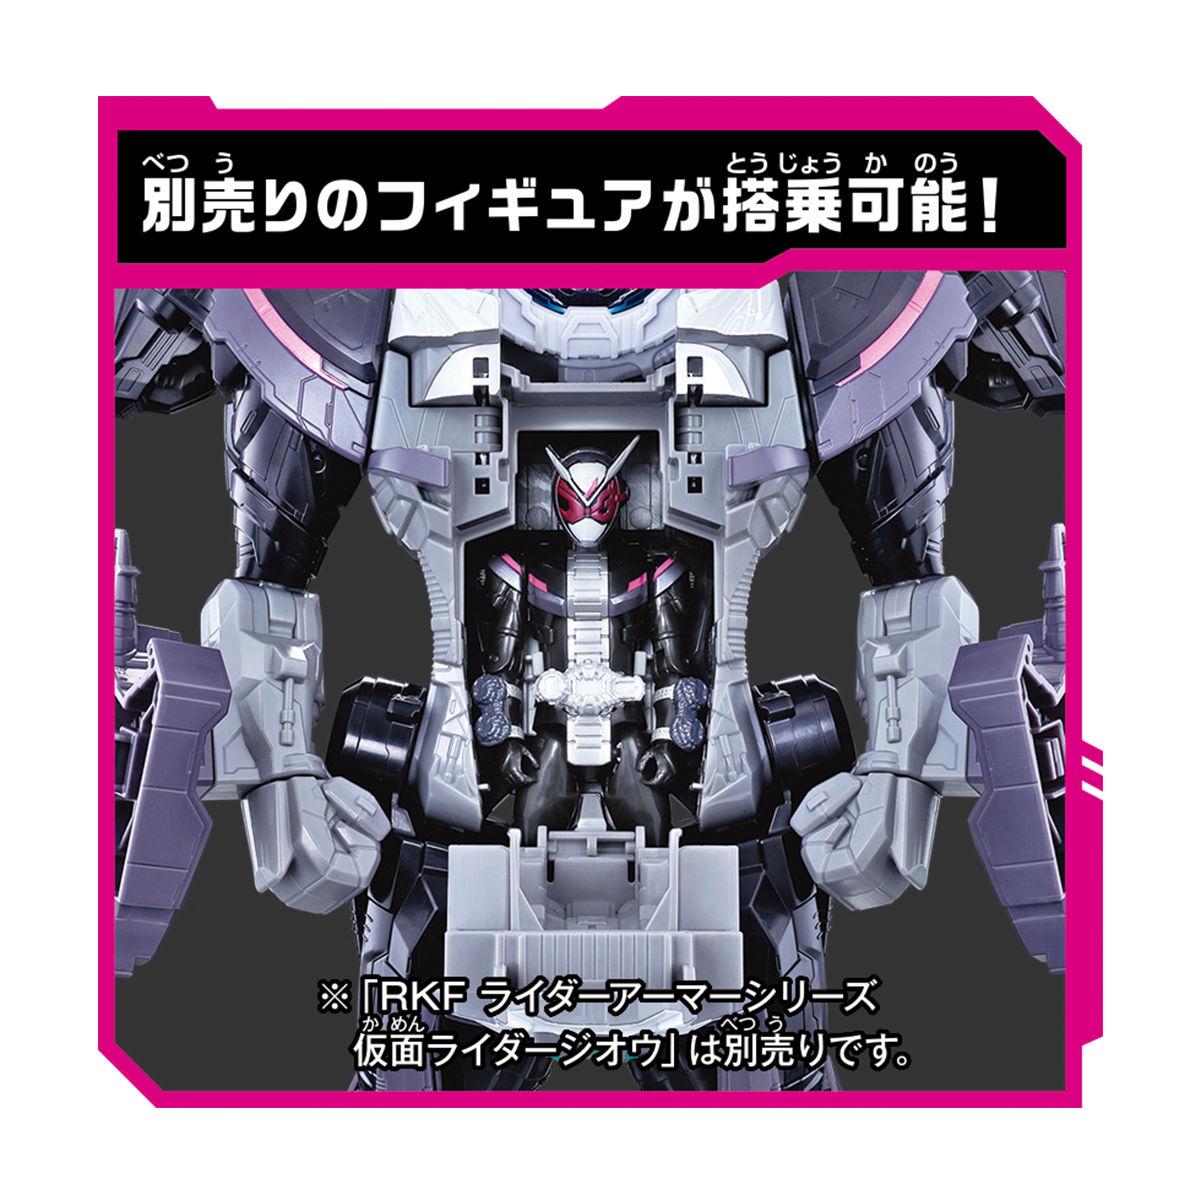 仮面ライダージオウ『DXタイムマジーン & オーズライドウォッチ』変身なりきり 可動フィギュア-005